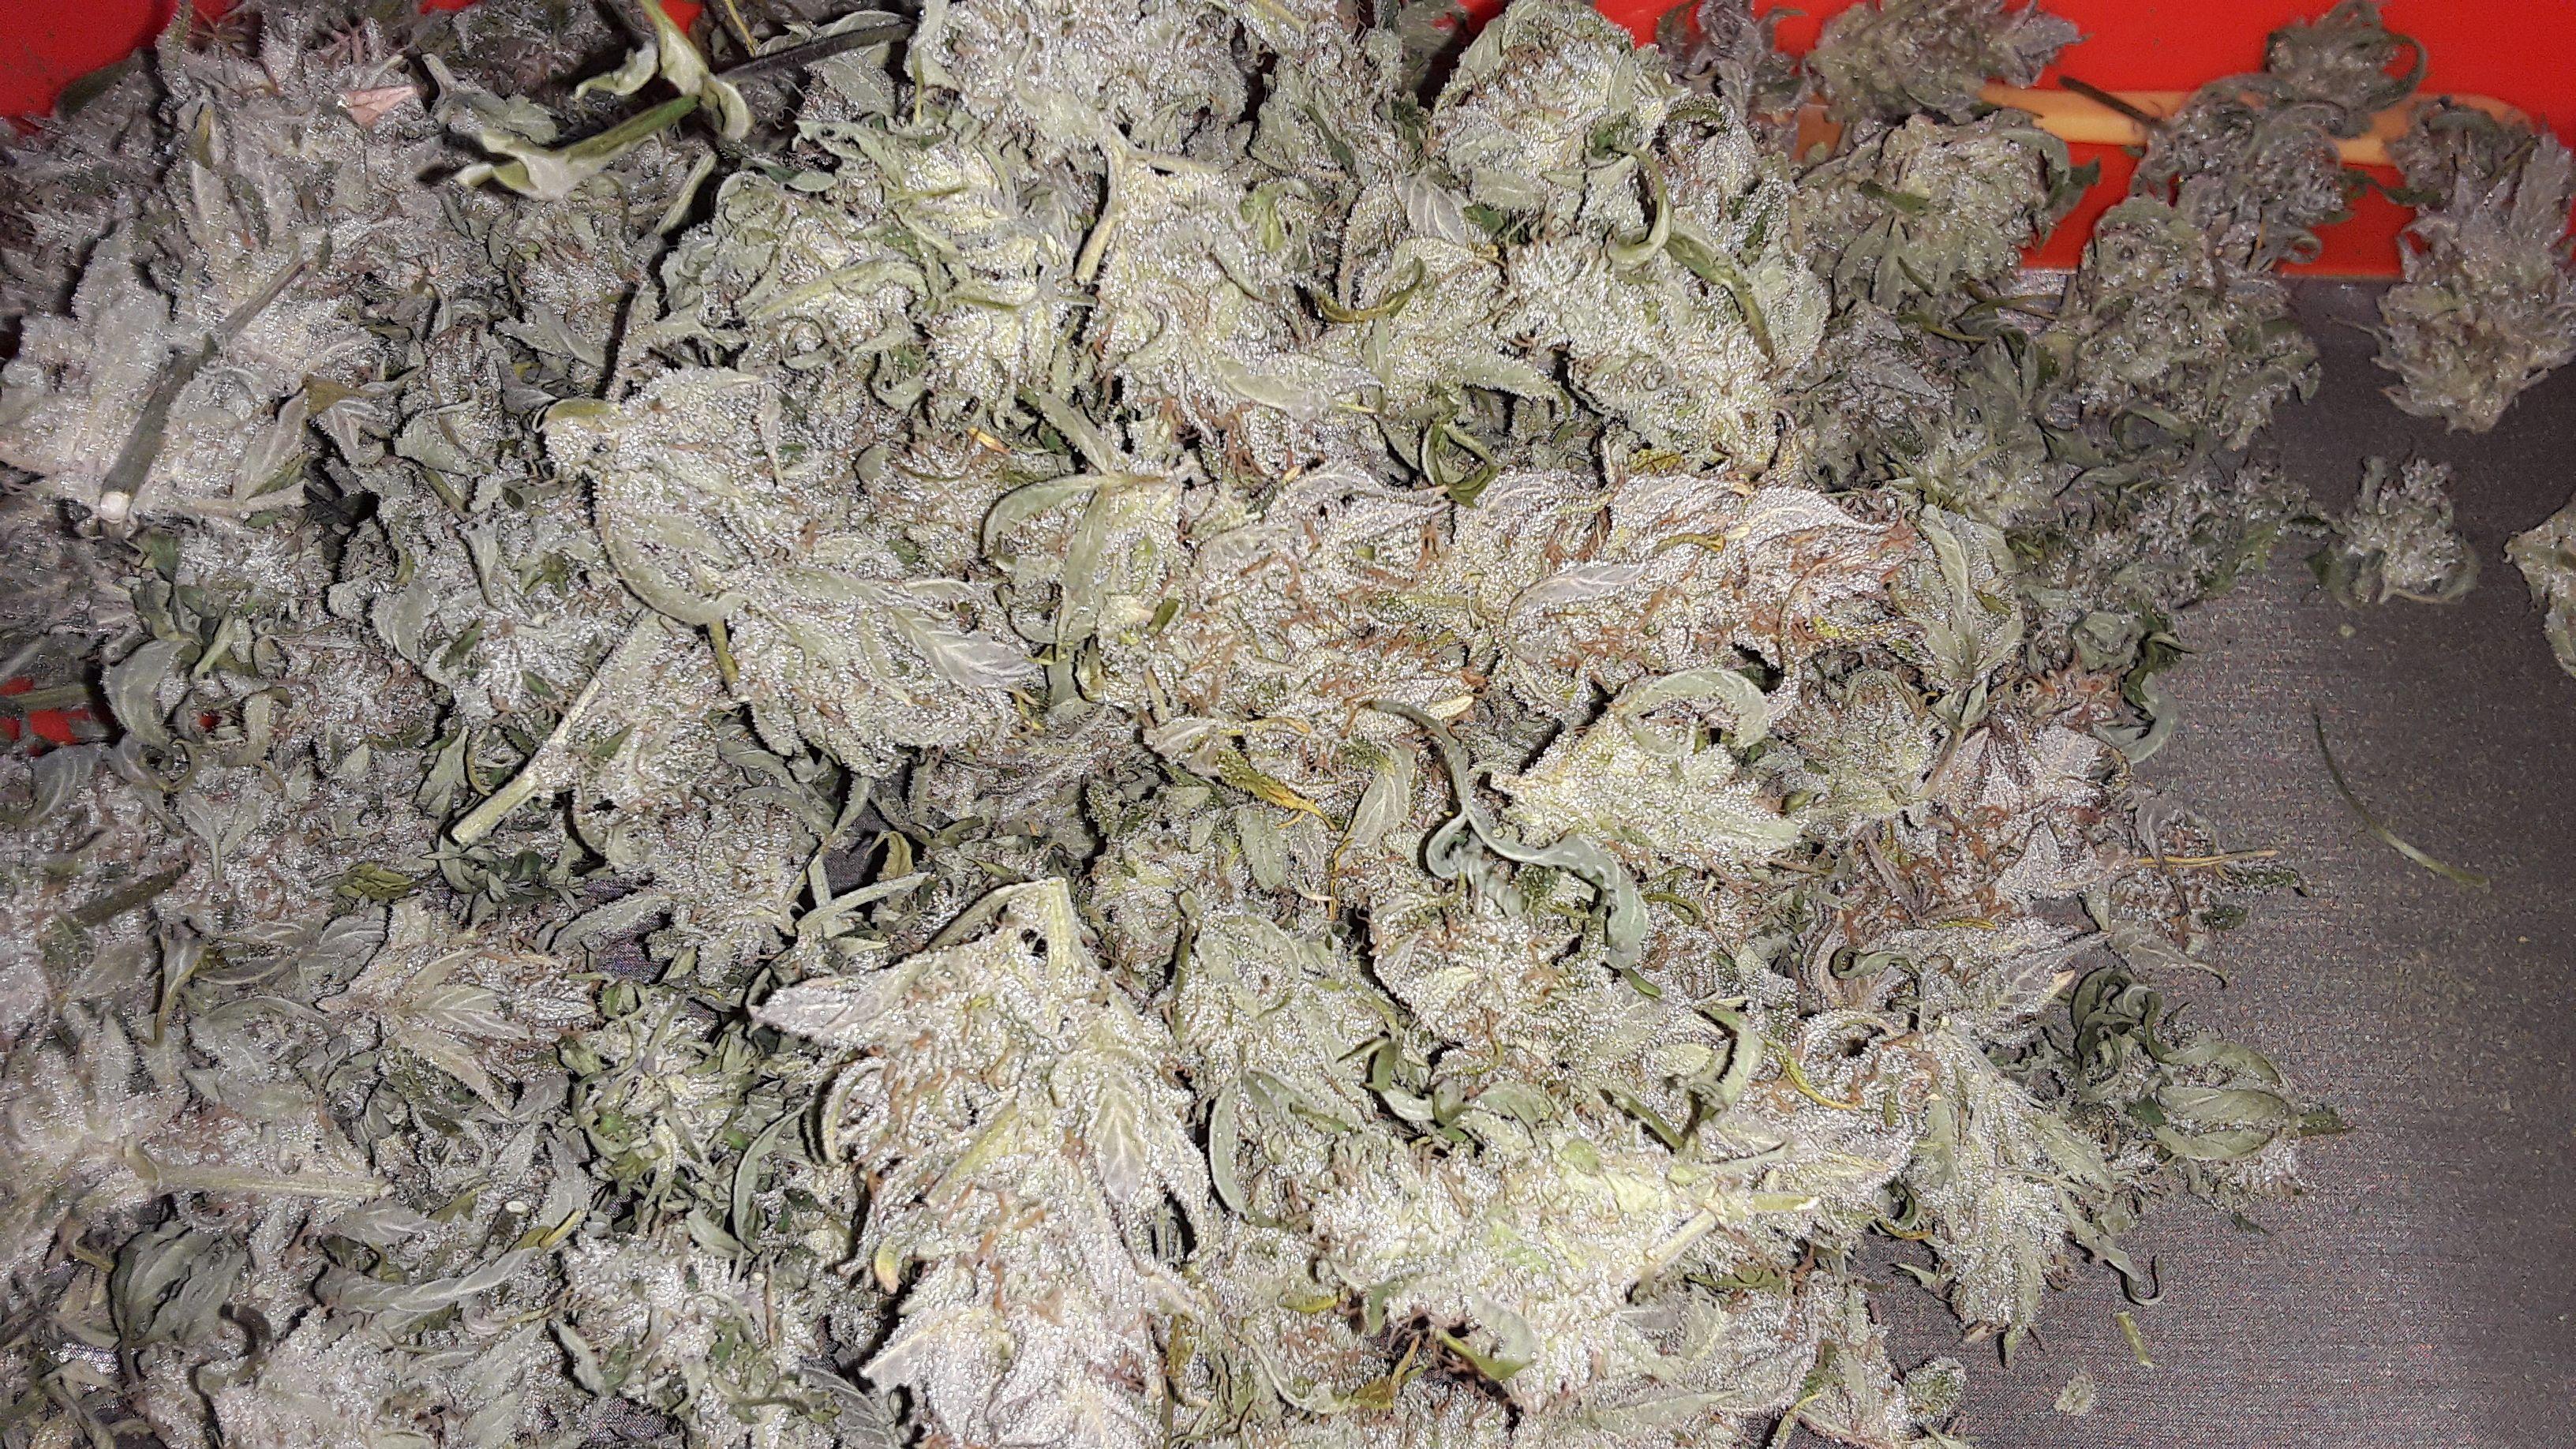 sk1-1st-plant-tops-untrimmed.jpg